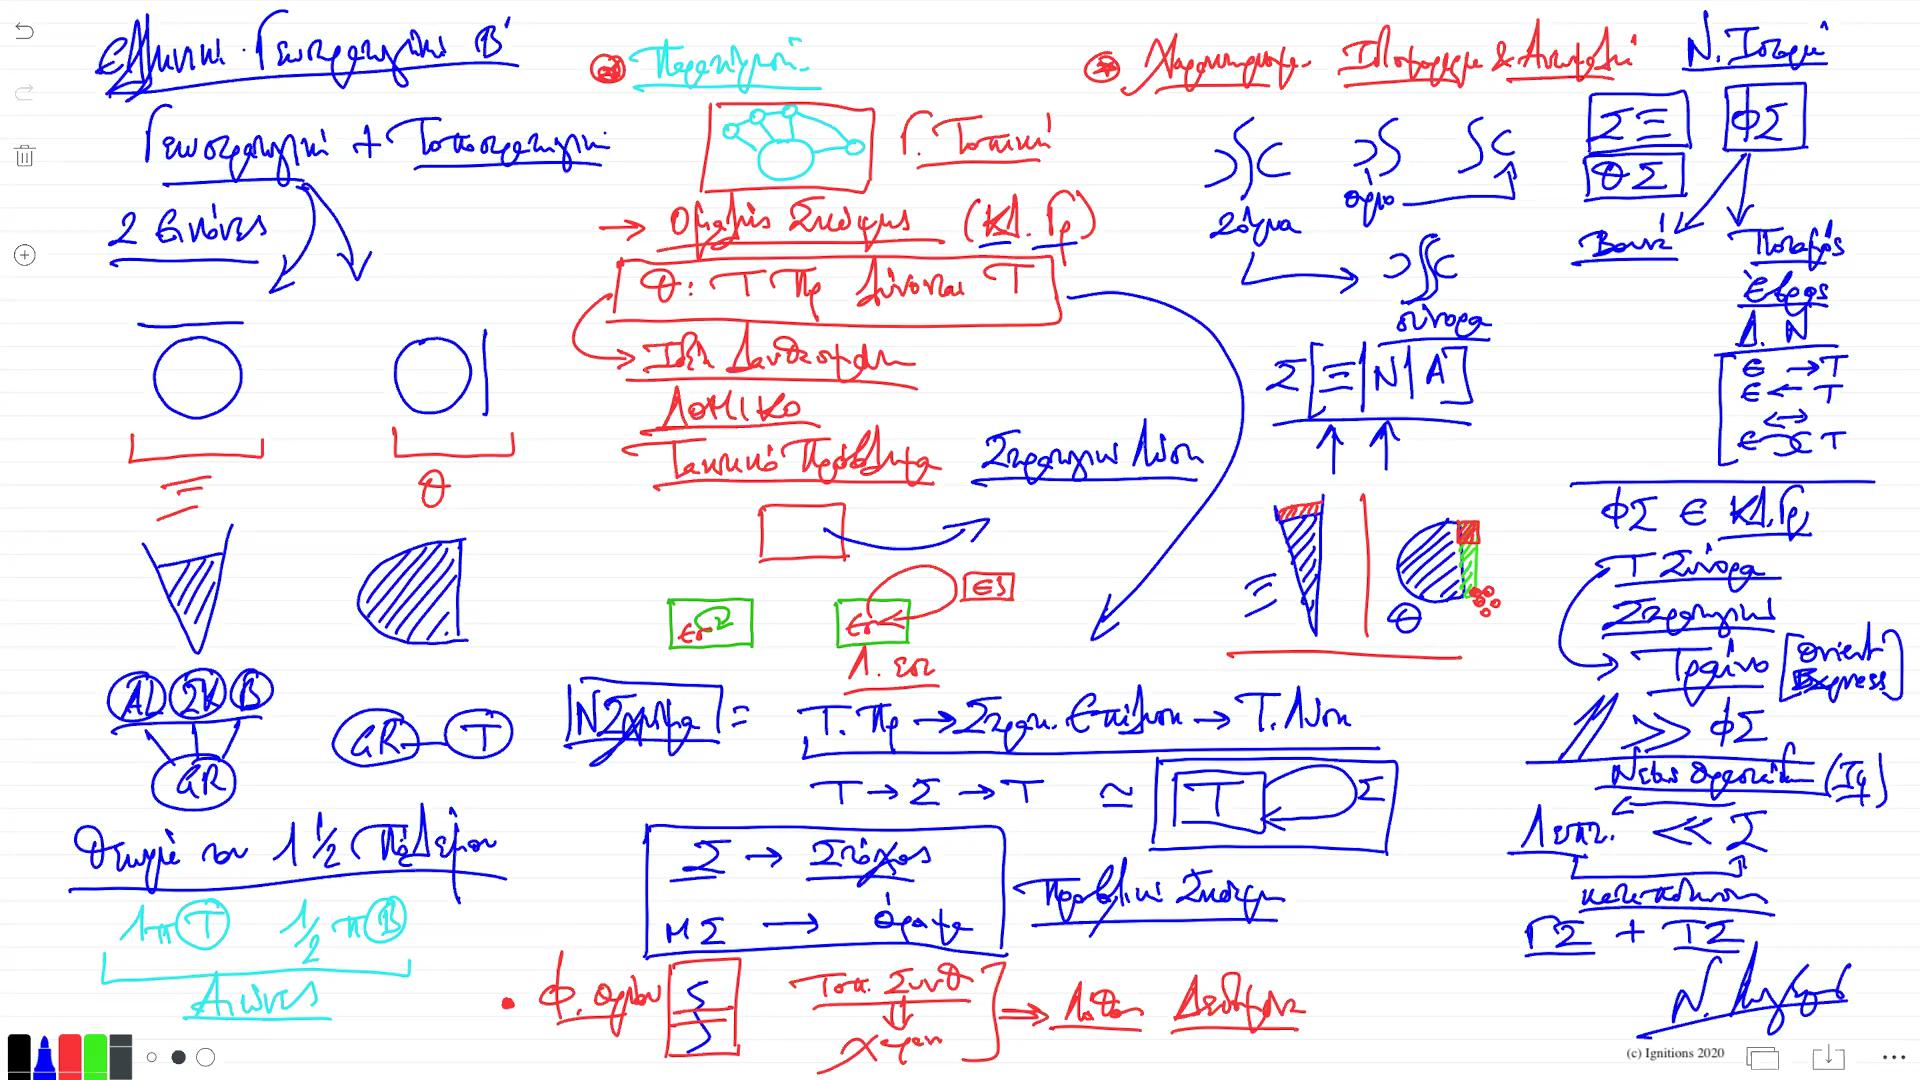 56458 - III - e-Διάλεξη: Ελληνική Γεωστρατηγική II. (Dessin)